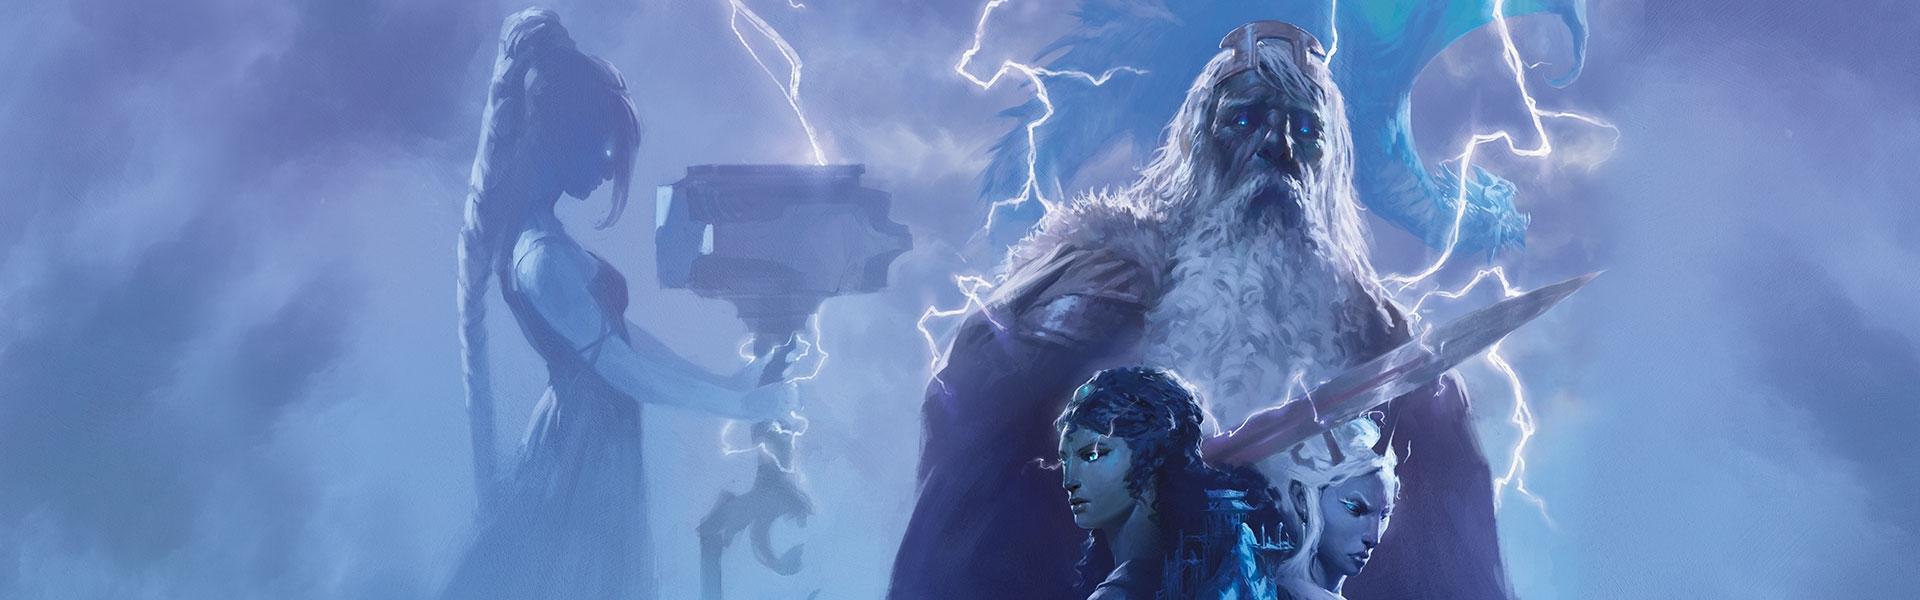 StormKingsThunder_header.jpg